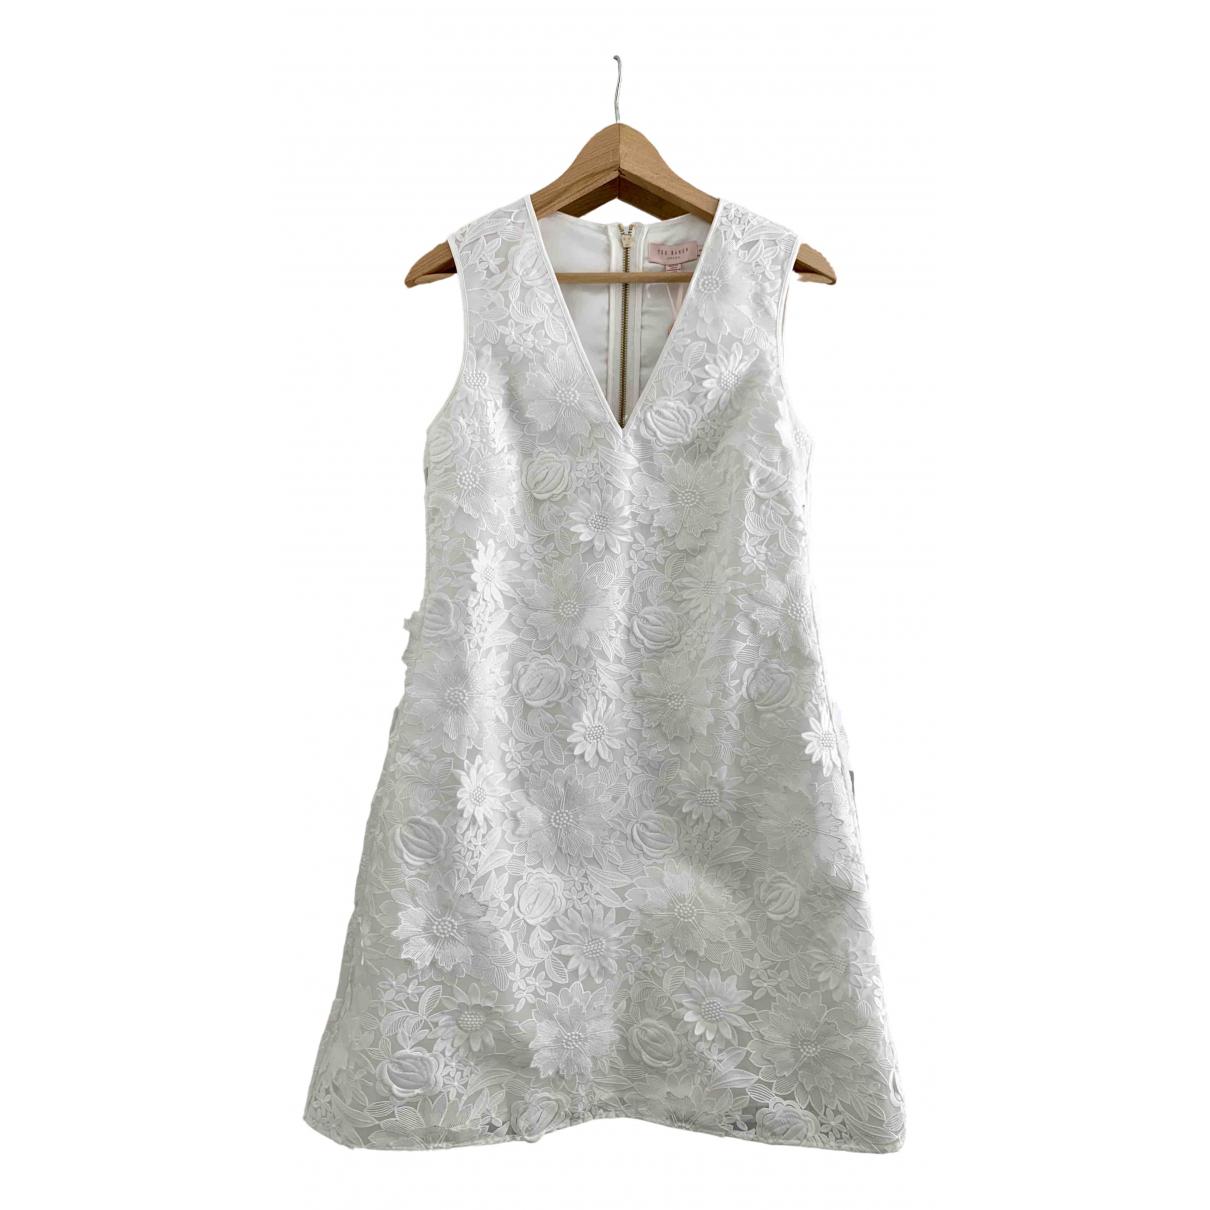 Ted Baker \N White dress for Women 1 0-5